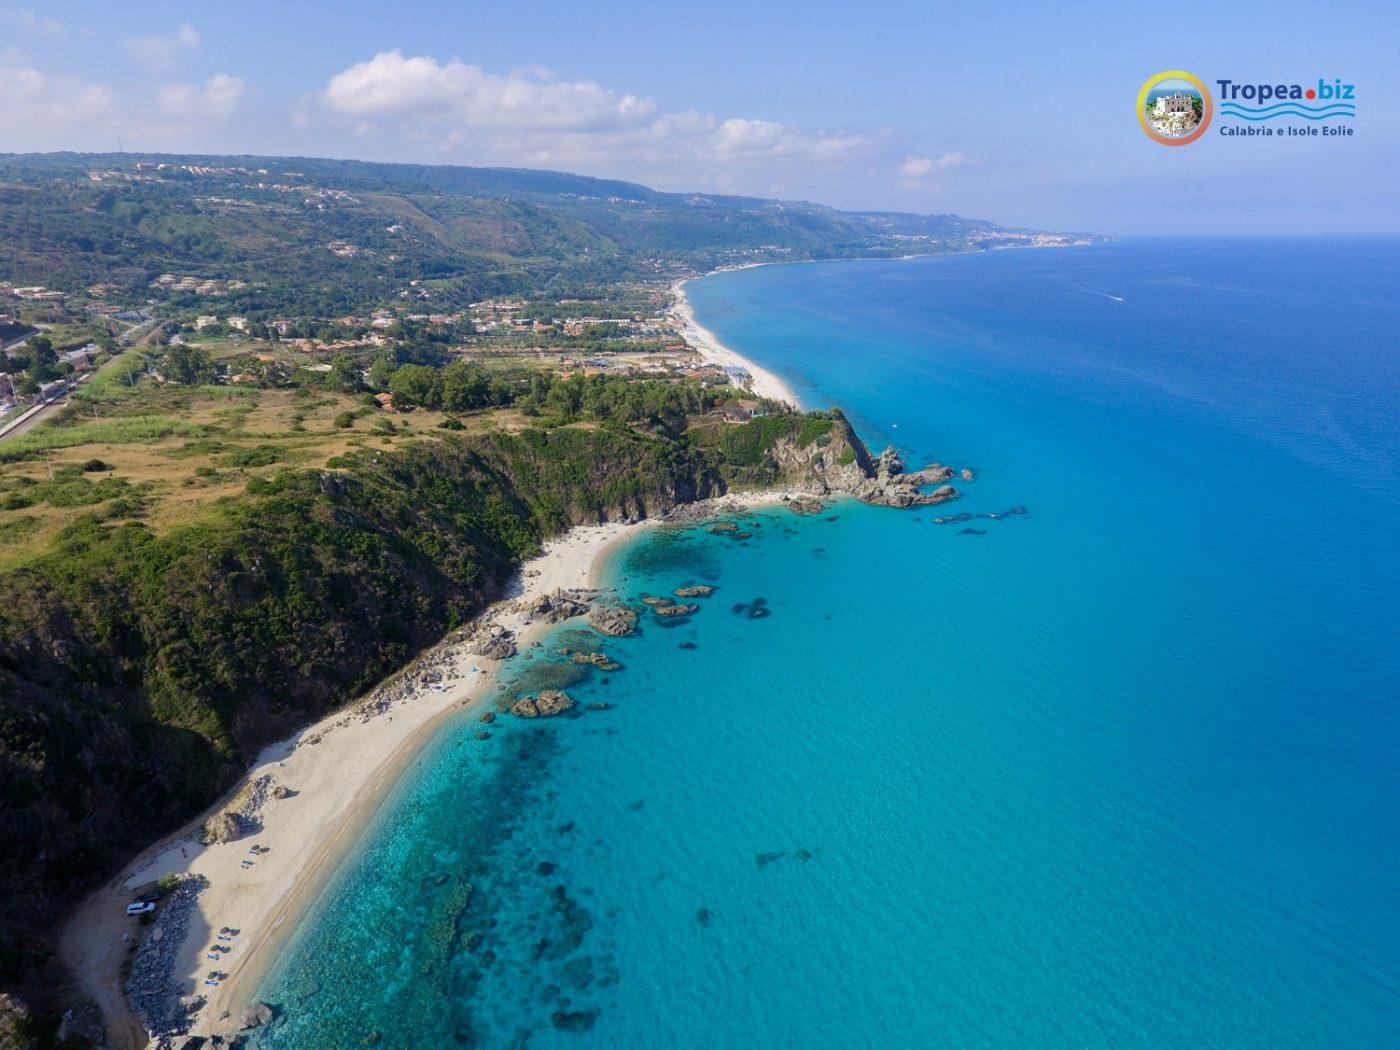 le spiagge di Zambrone vicino a Tropea in Calabria